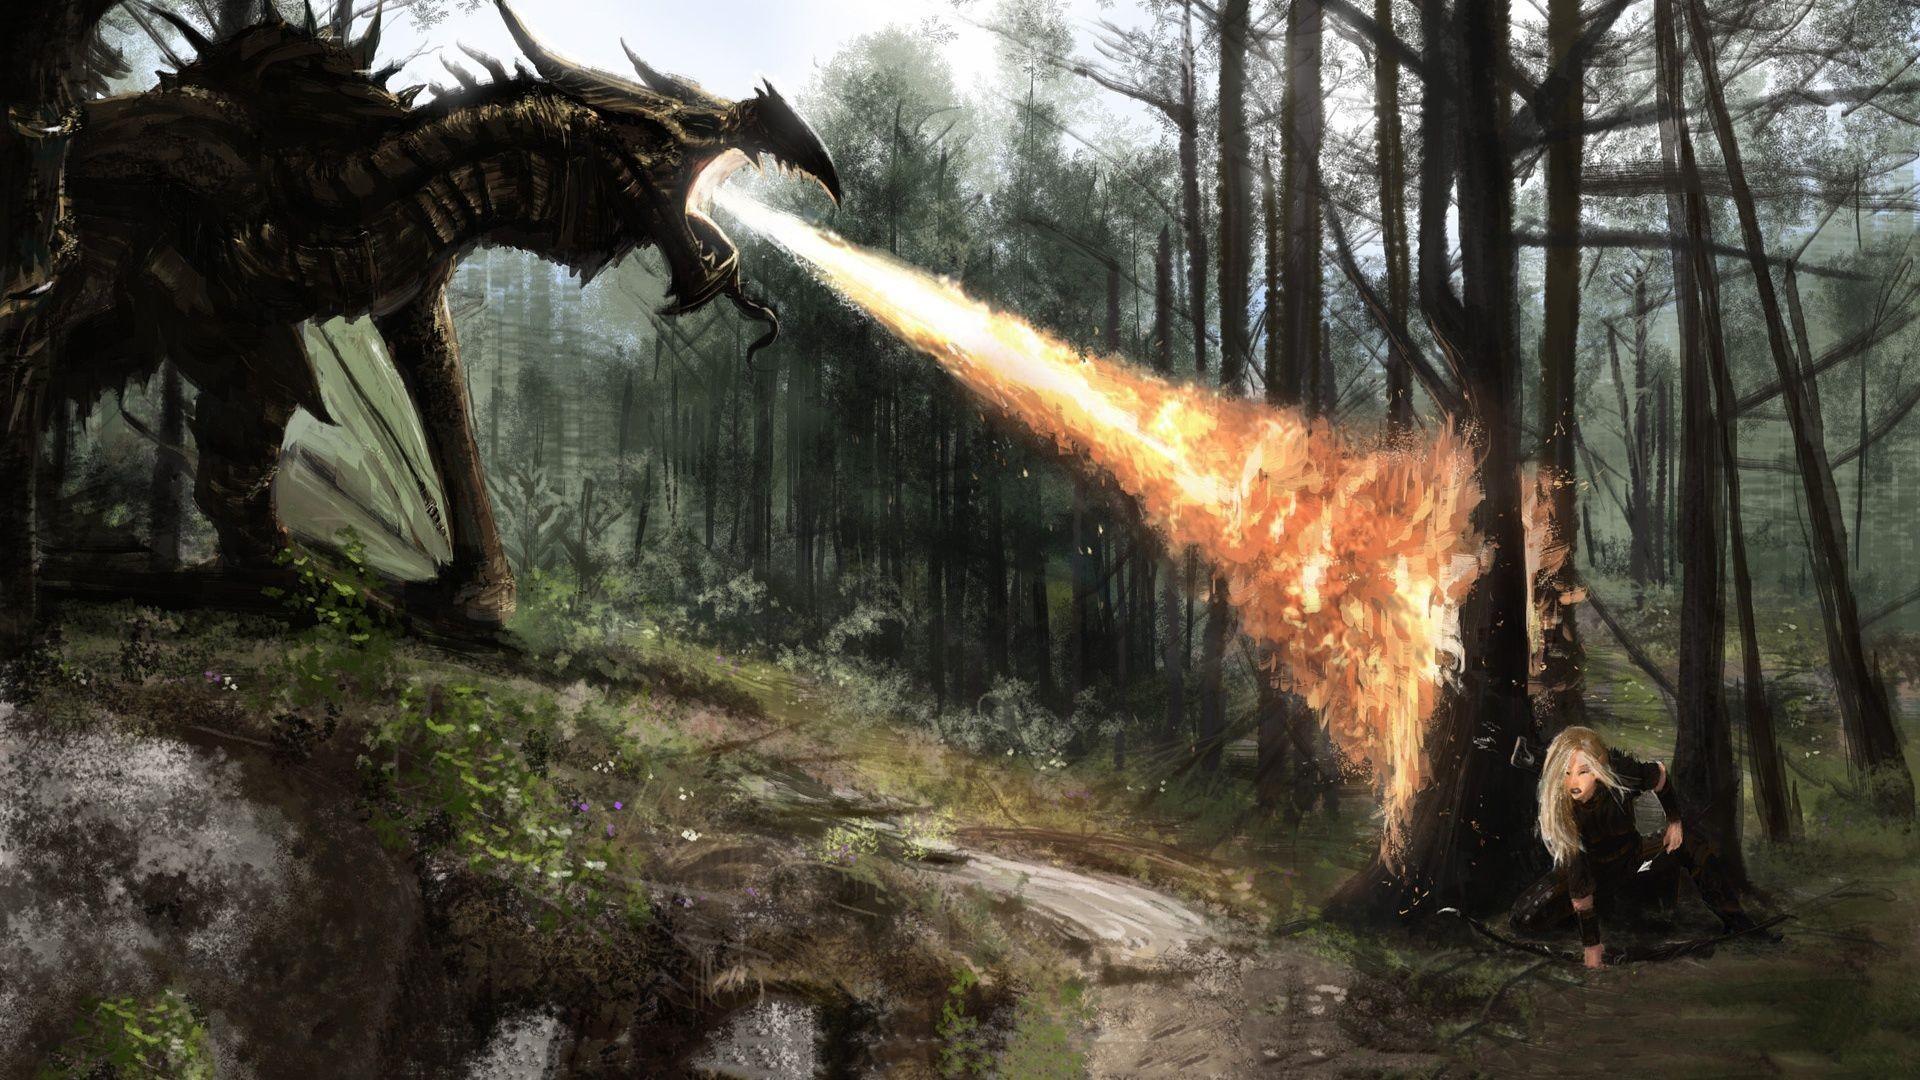 Skyrim Fire Dragon : Full HD desktop wallpaper : Wallinda